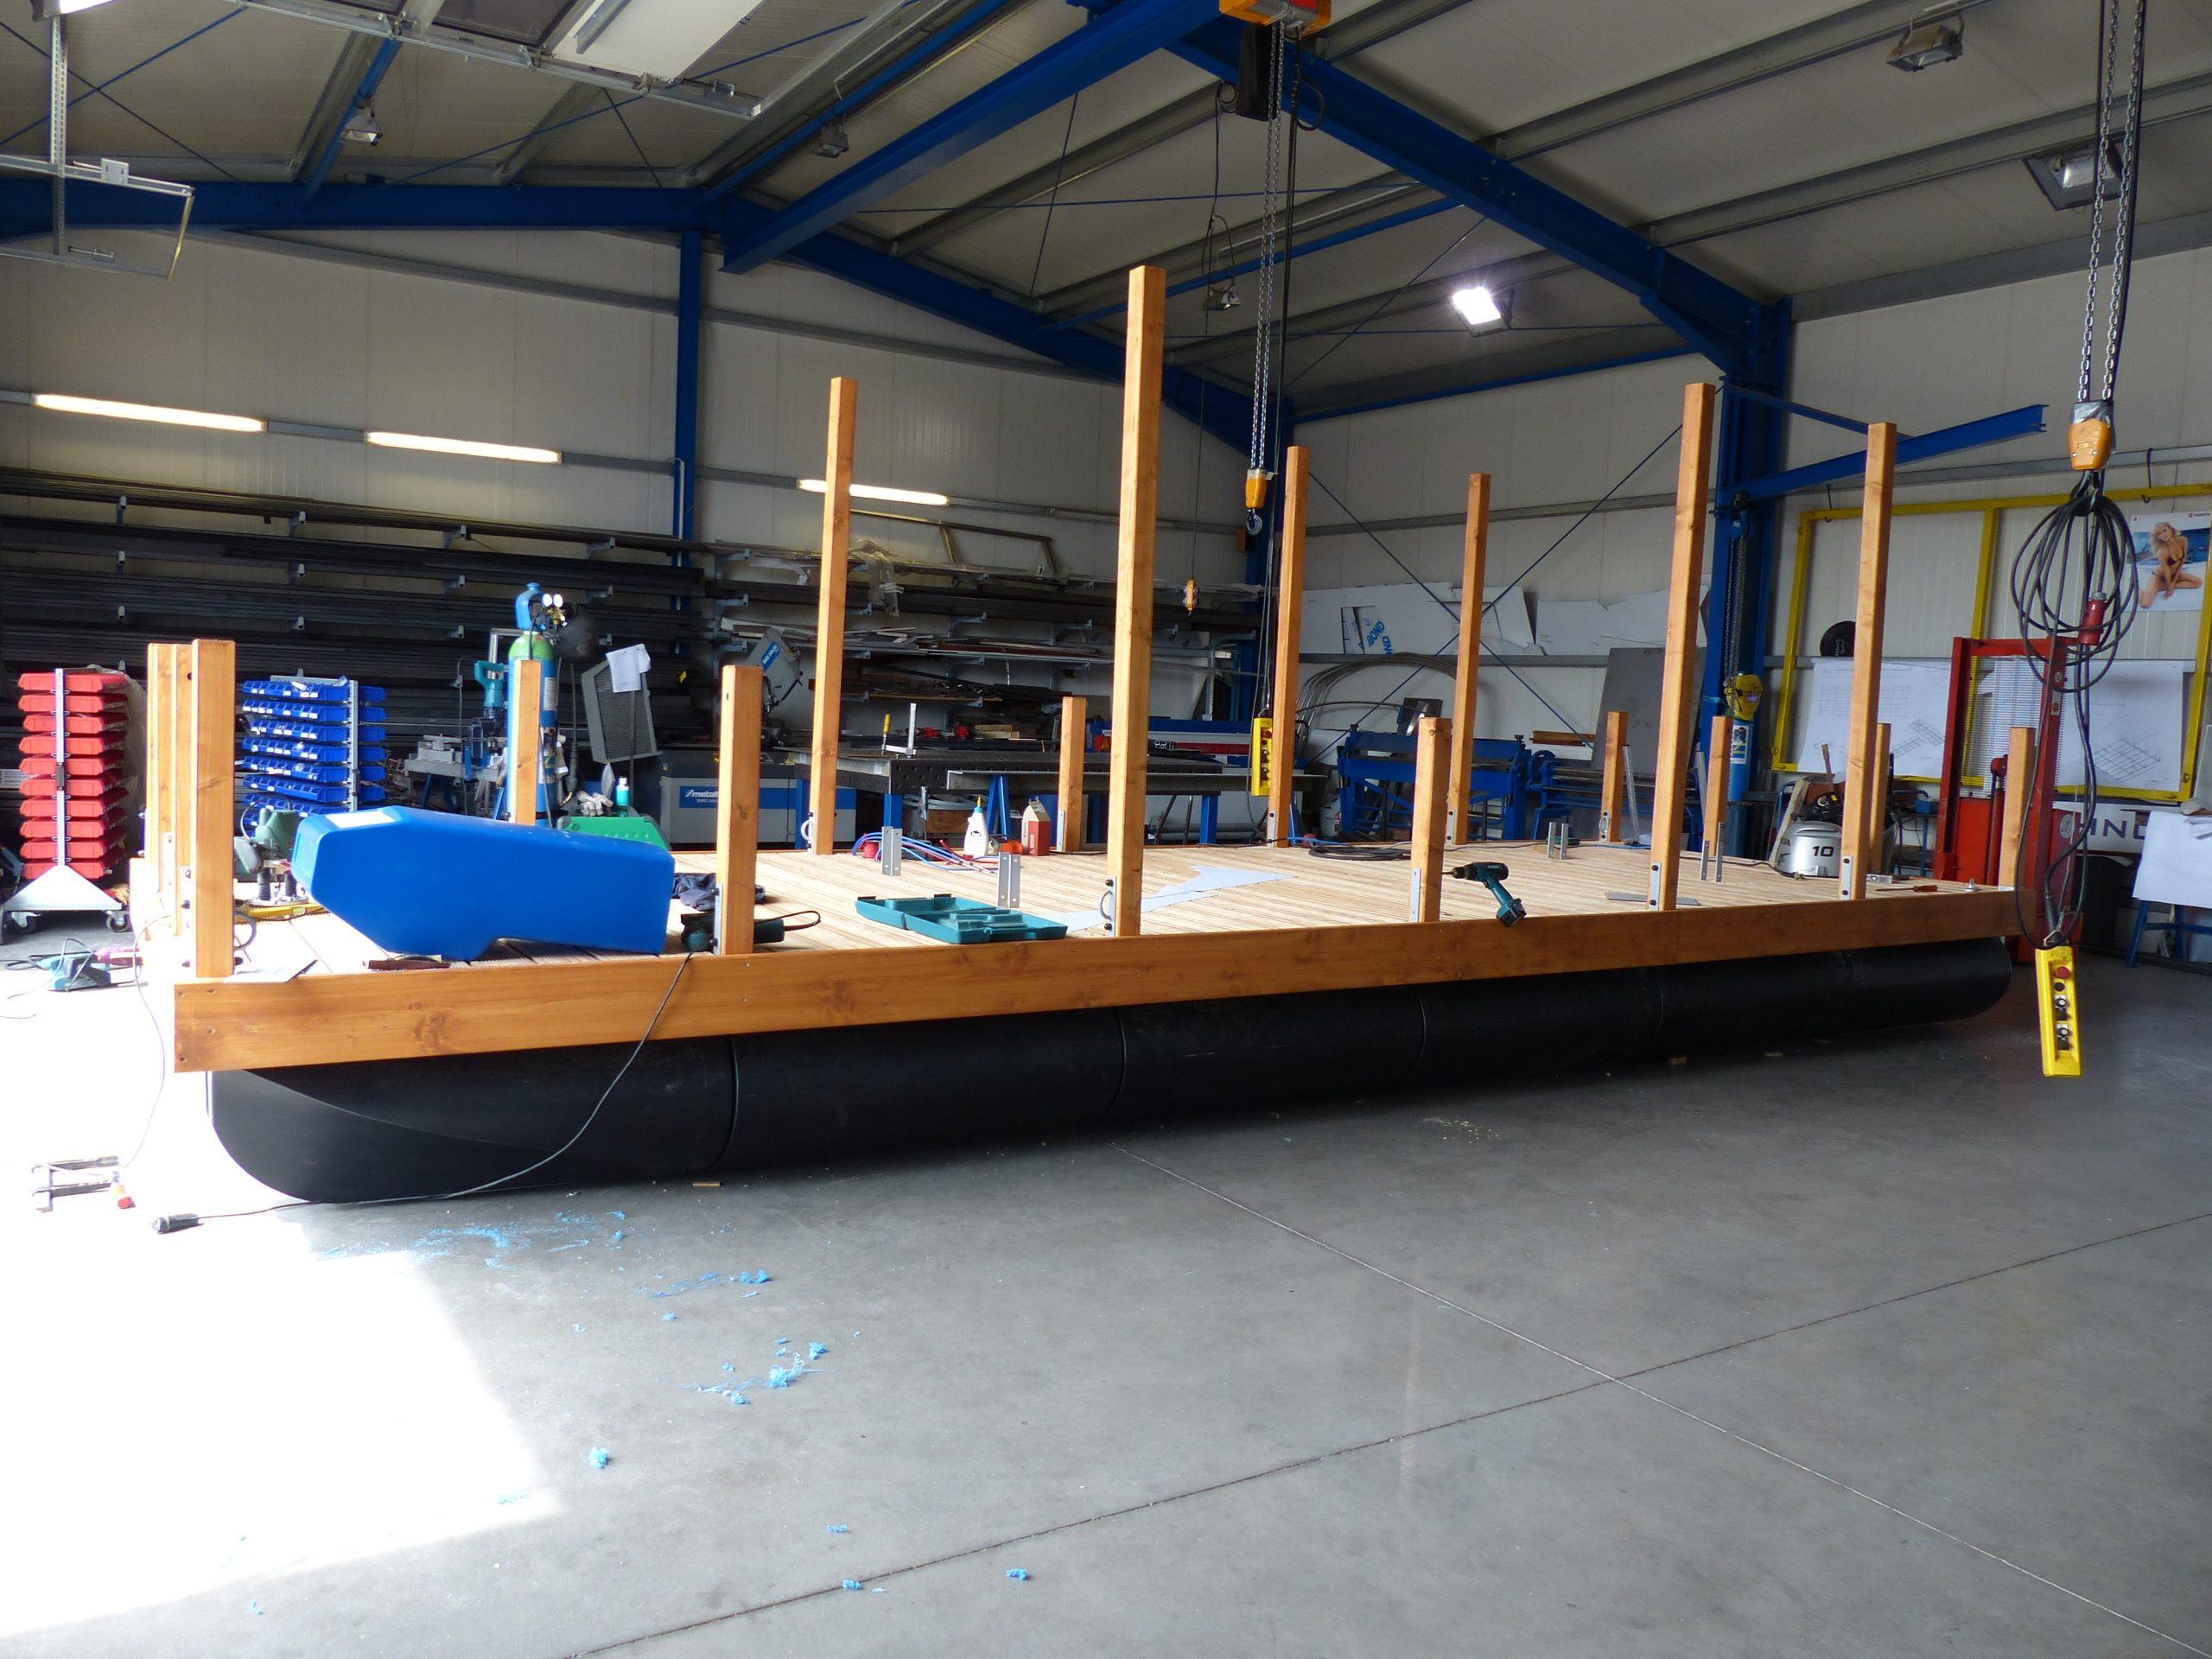 Das Grundgerüst eines Mc-Bootes was in der Halle gefertigt wird